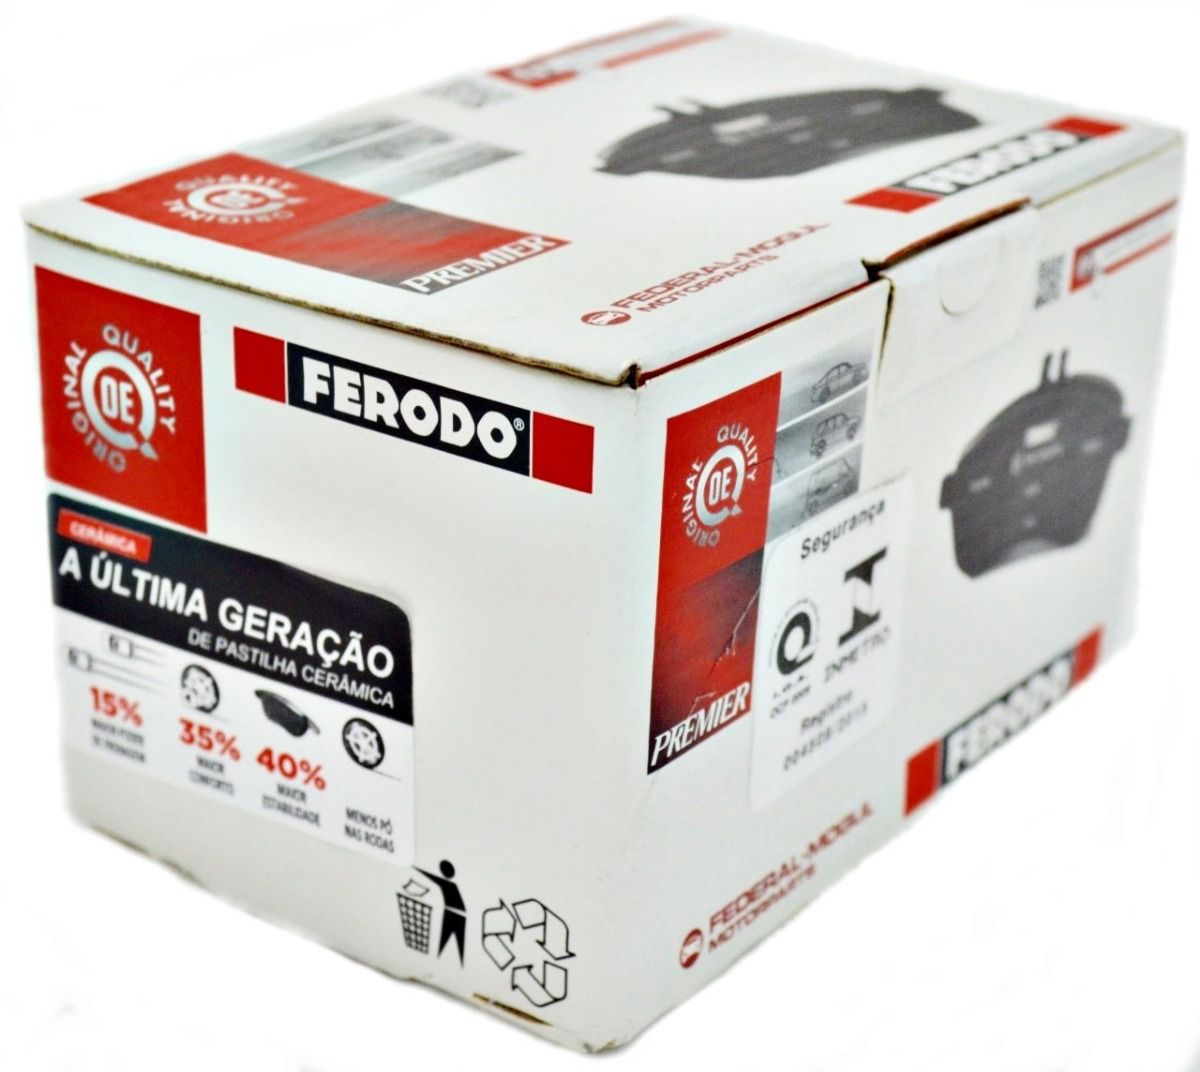 Pastilha Freio Dianteiro Cerâmica Honda Fit City WRV Após 2014 Original Ferodo  - Unicar